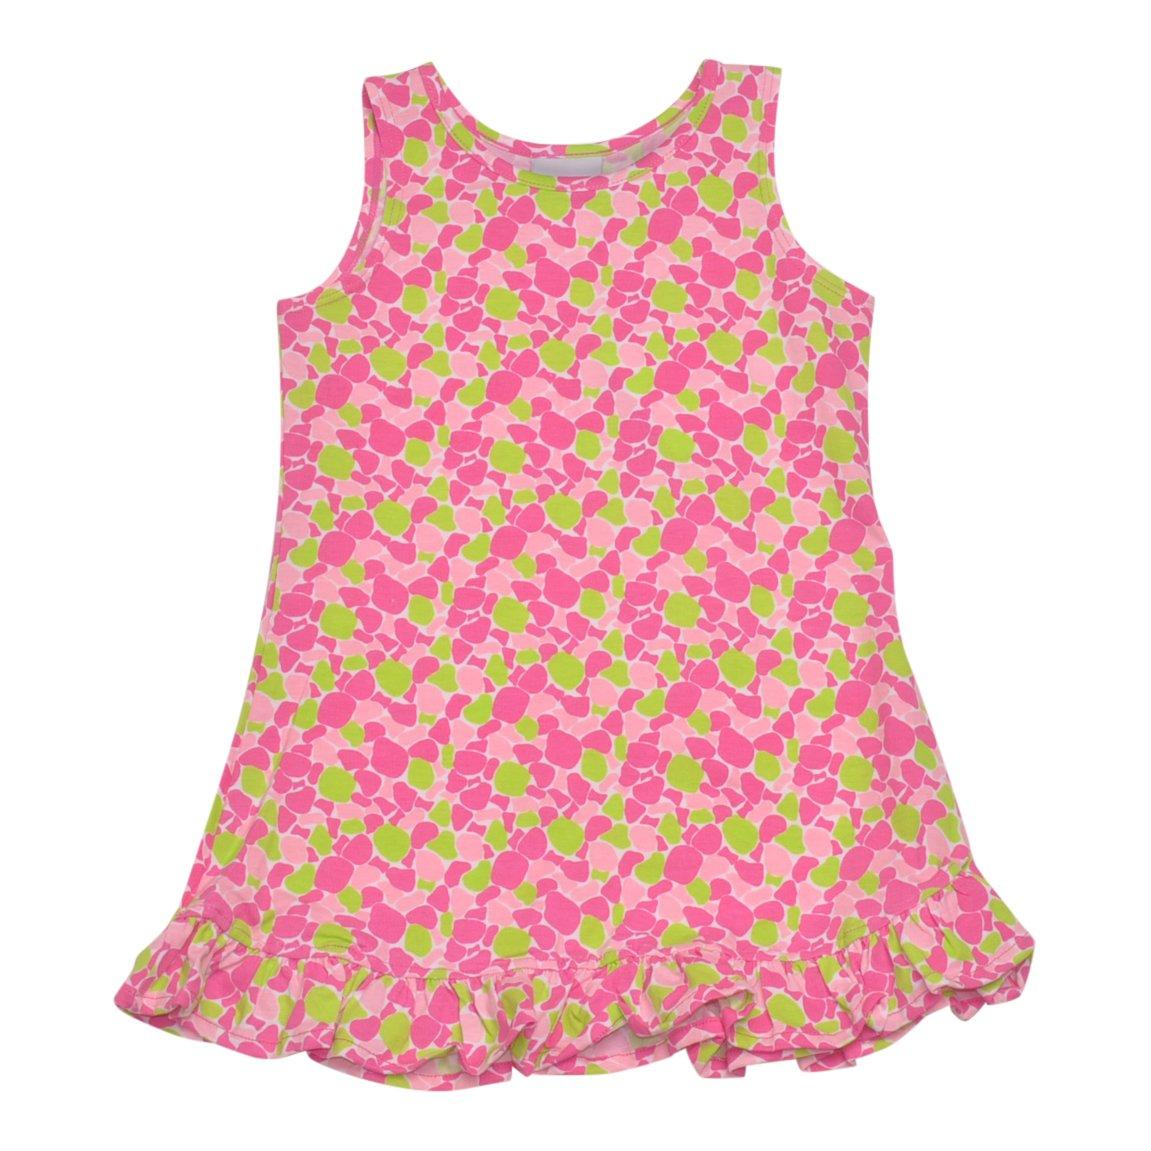 Flap Happy Little Girls' Sophie Swing Dress, Sea Glass, 2